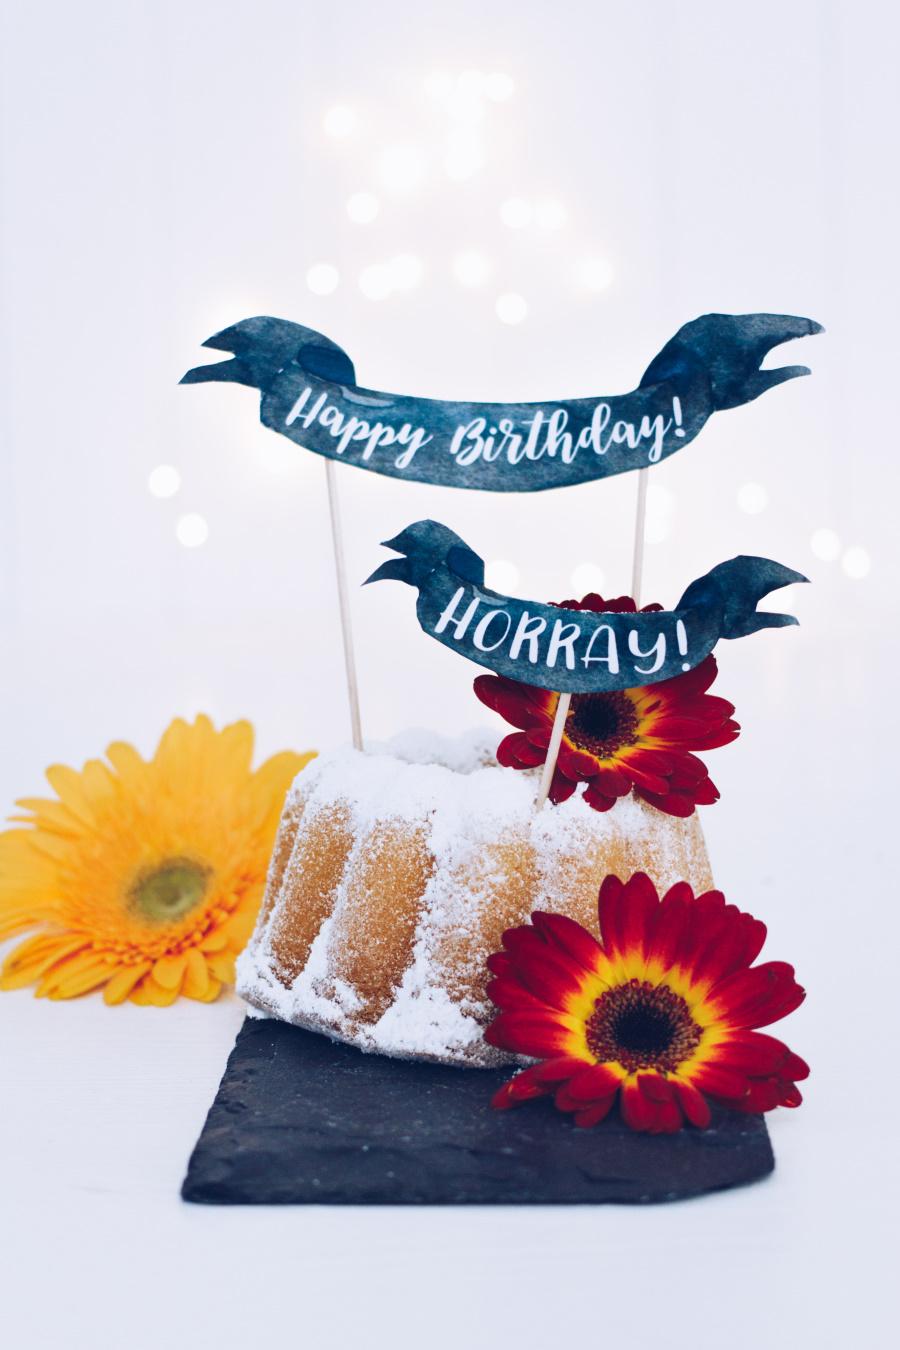 Selbst gemachte Cake Topper für den Geburtstagskuchen